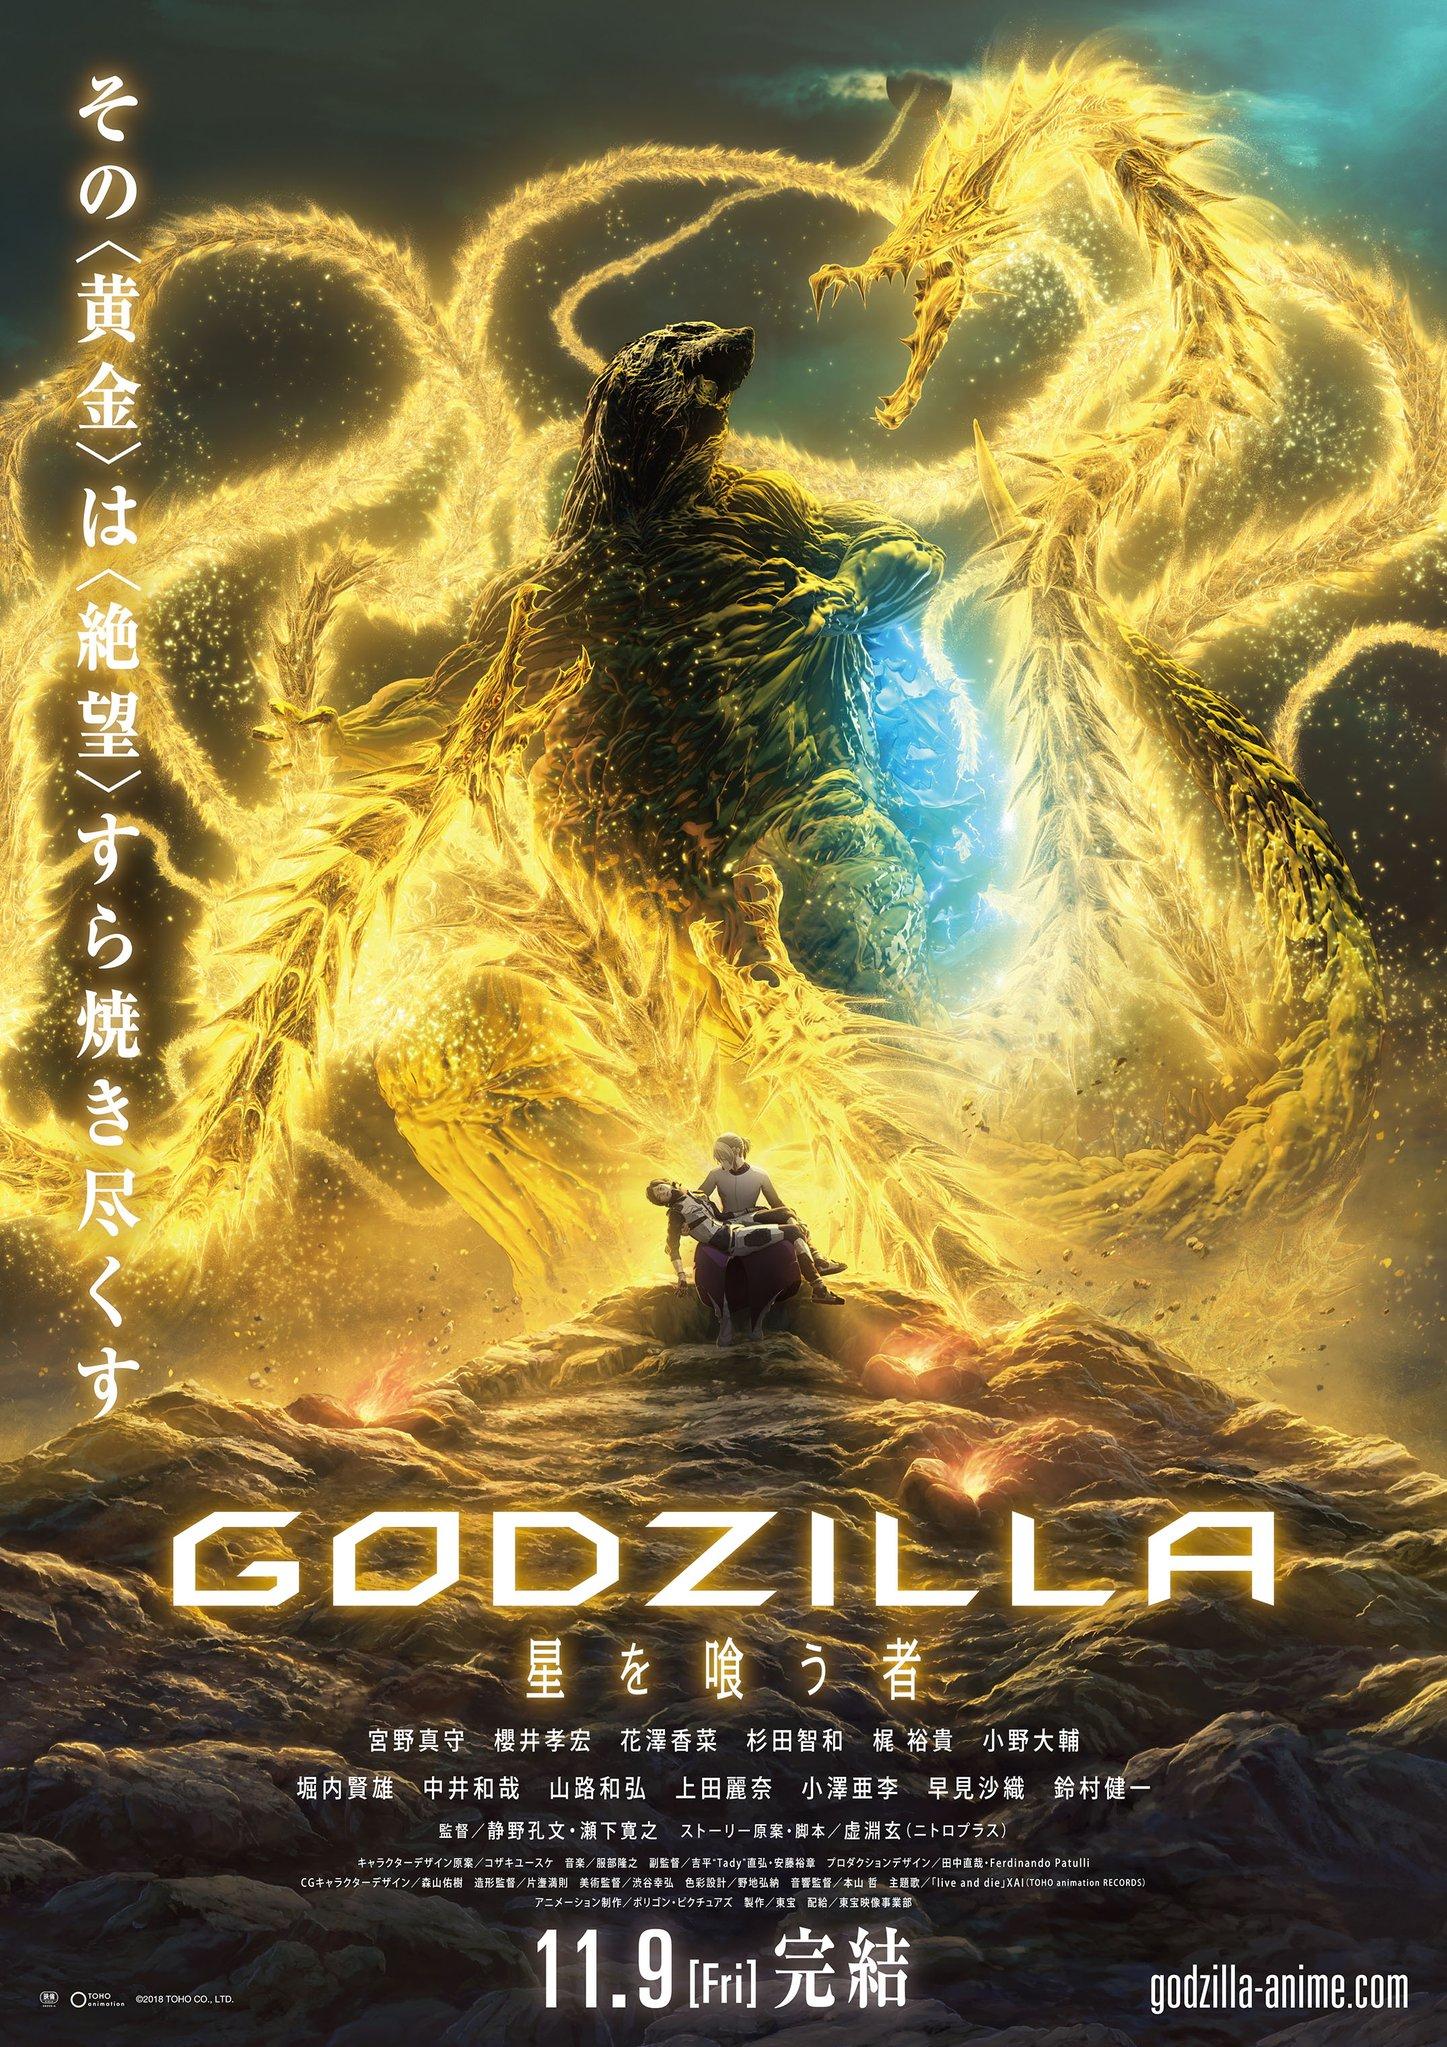 [Netflix] Godzilla: The Planet Eater ซับไทย